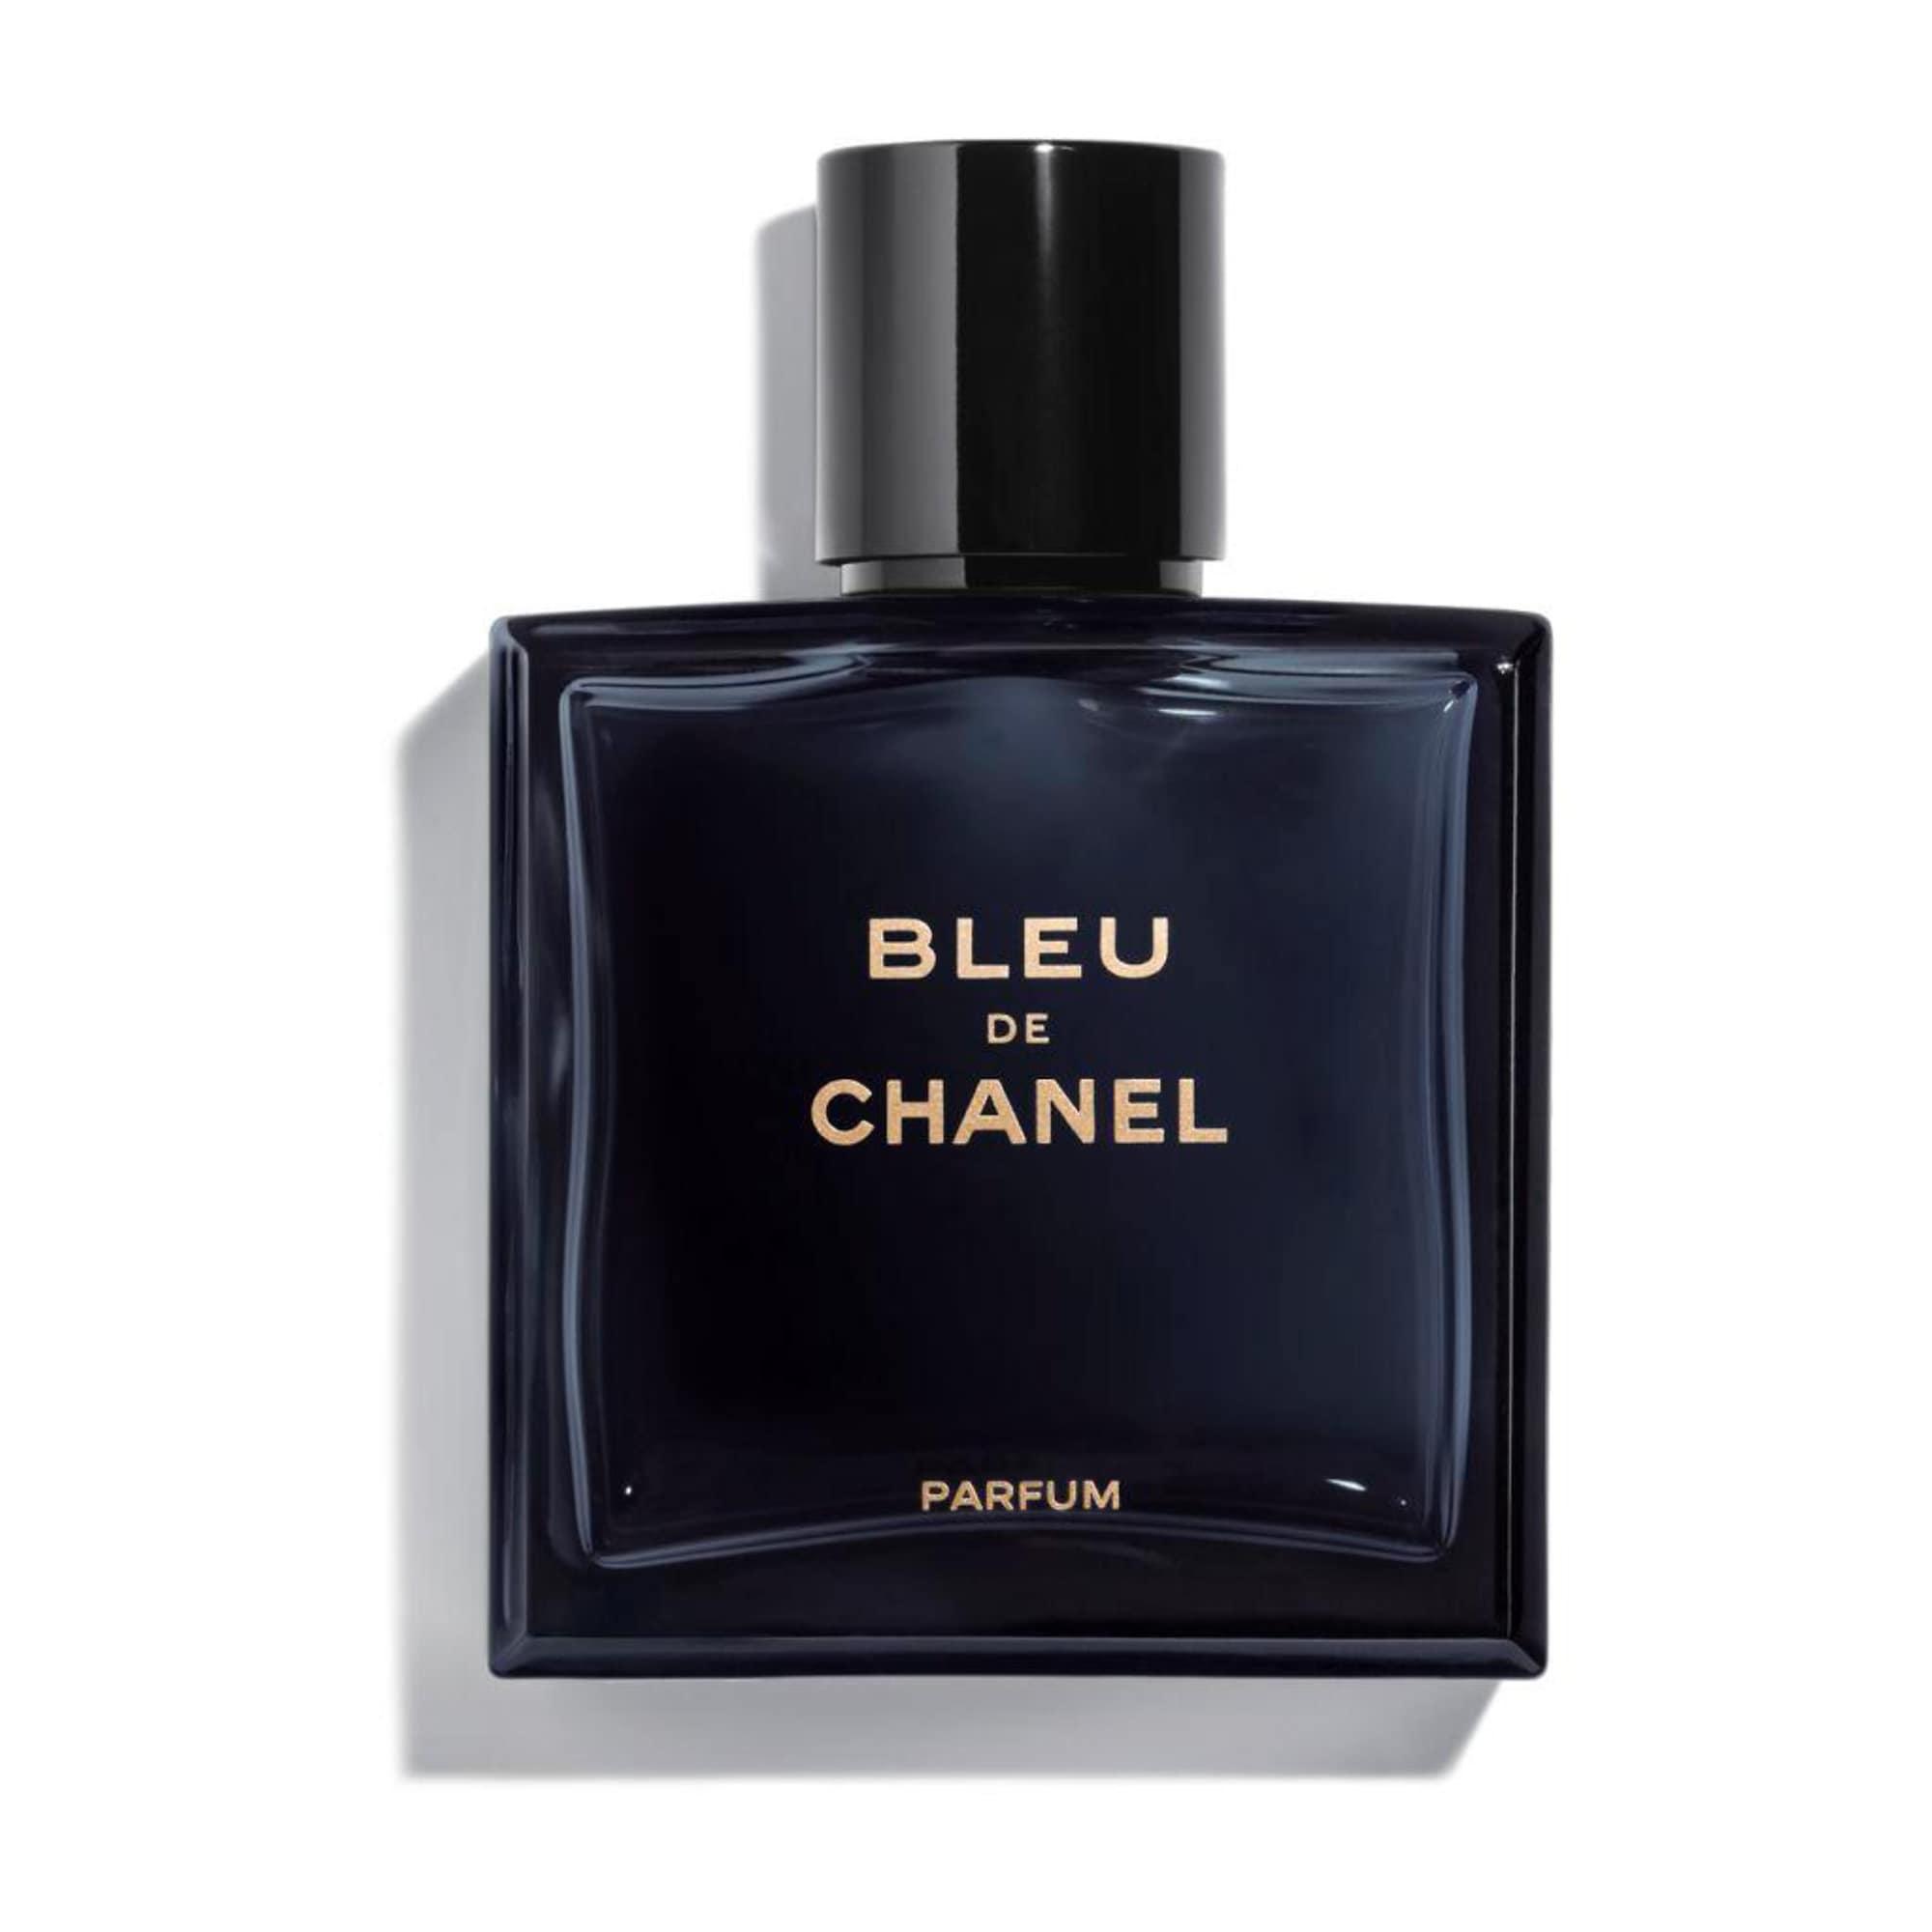 Chanel - BLEU DE CHANEL PARFUM